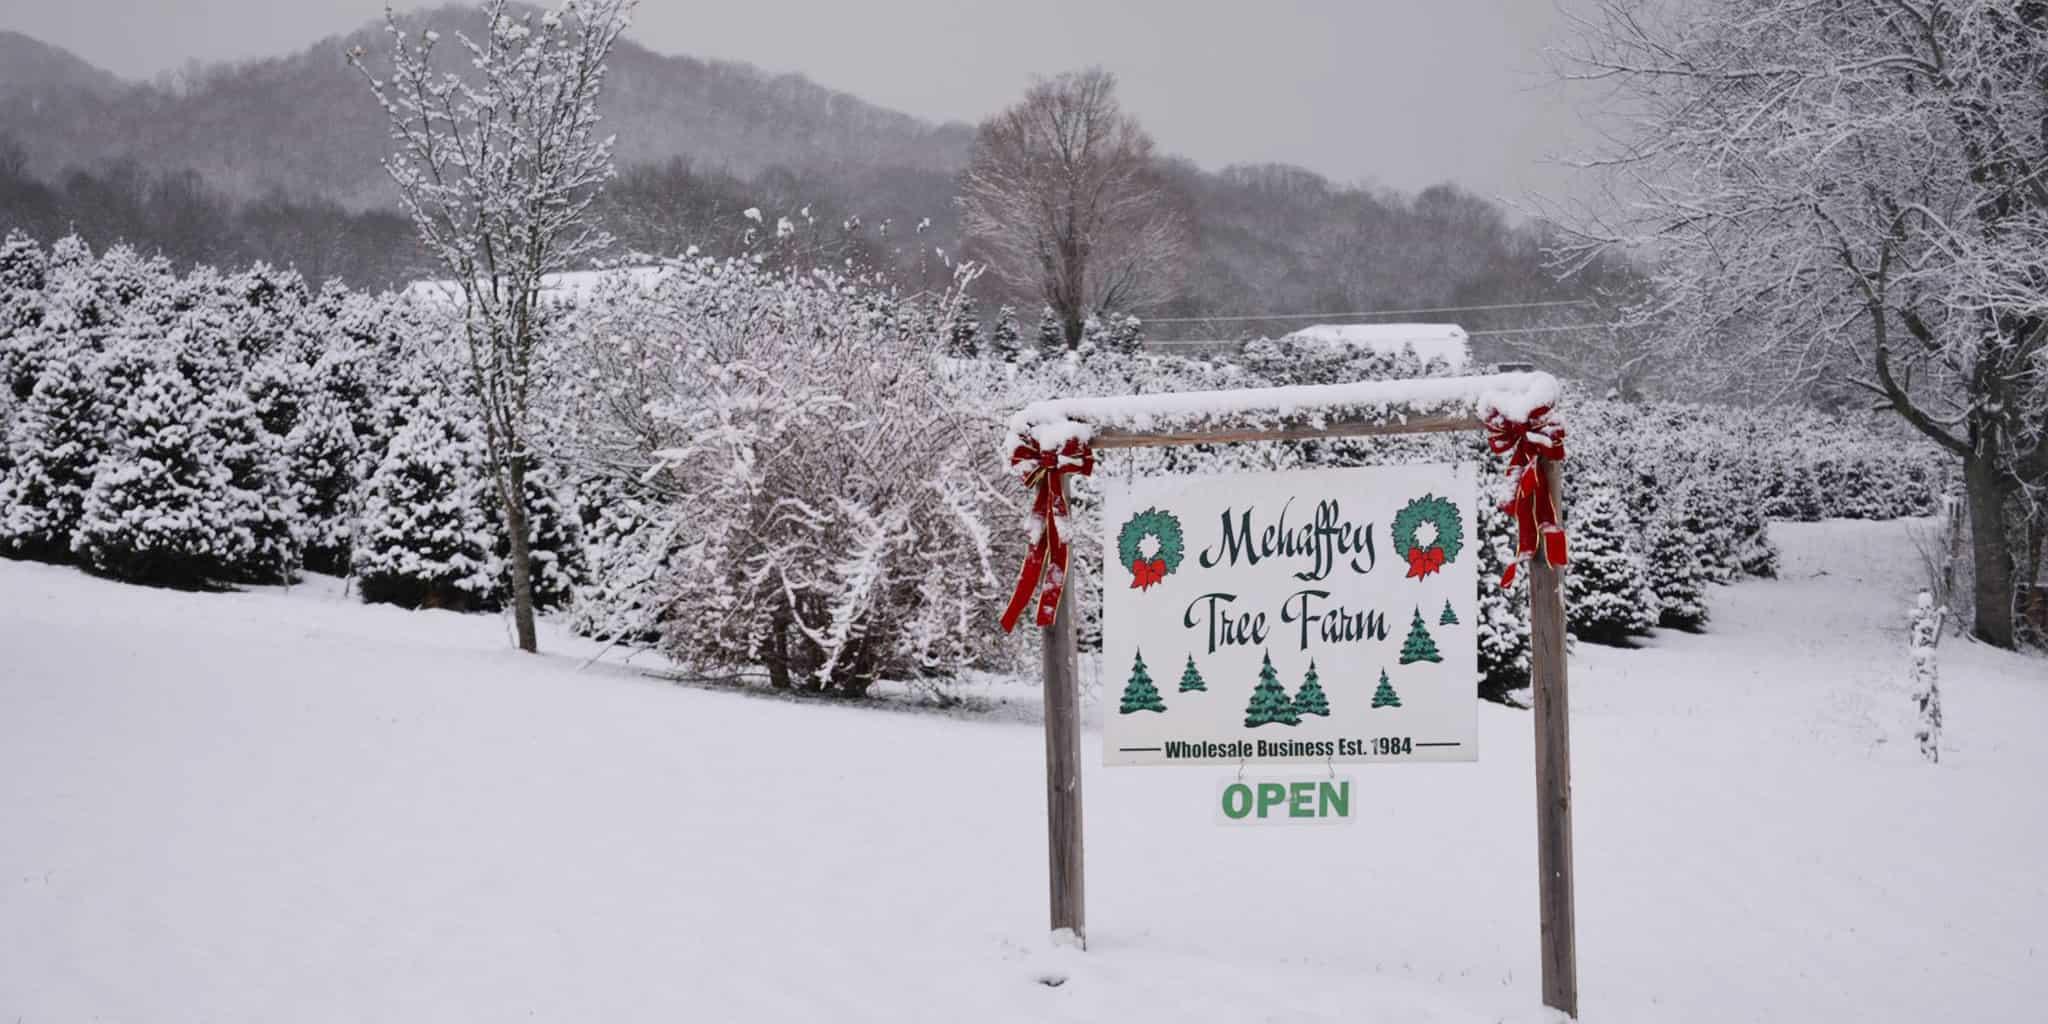 Mehaffey Christmas Tree Farm